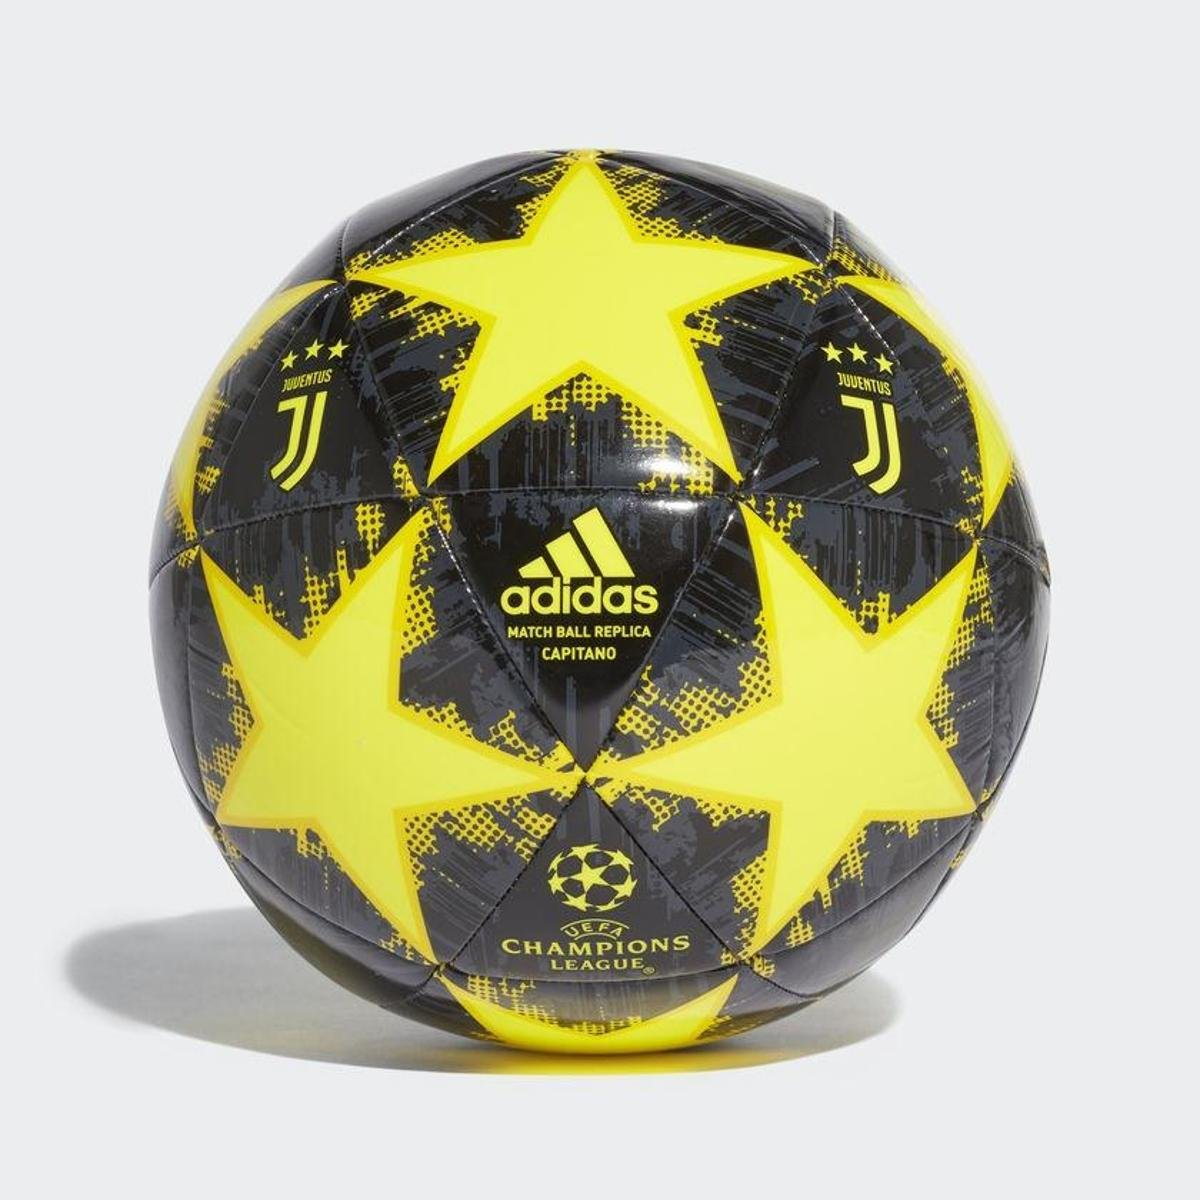 Bola de Futebol Campo Juventus Adidas Capitano Finale 18 UCL ... 90c55e0e18242